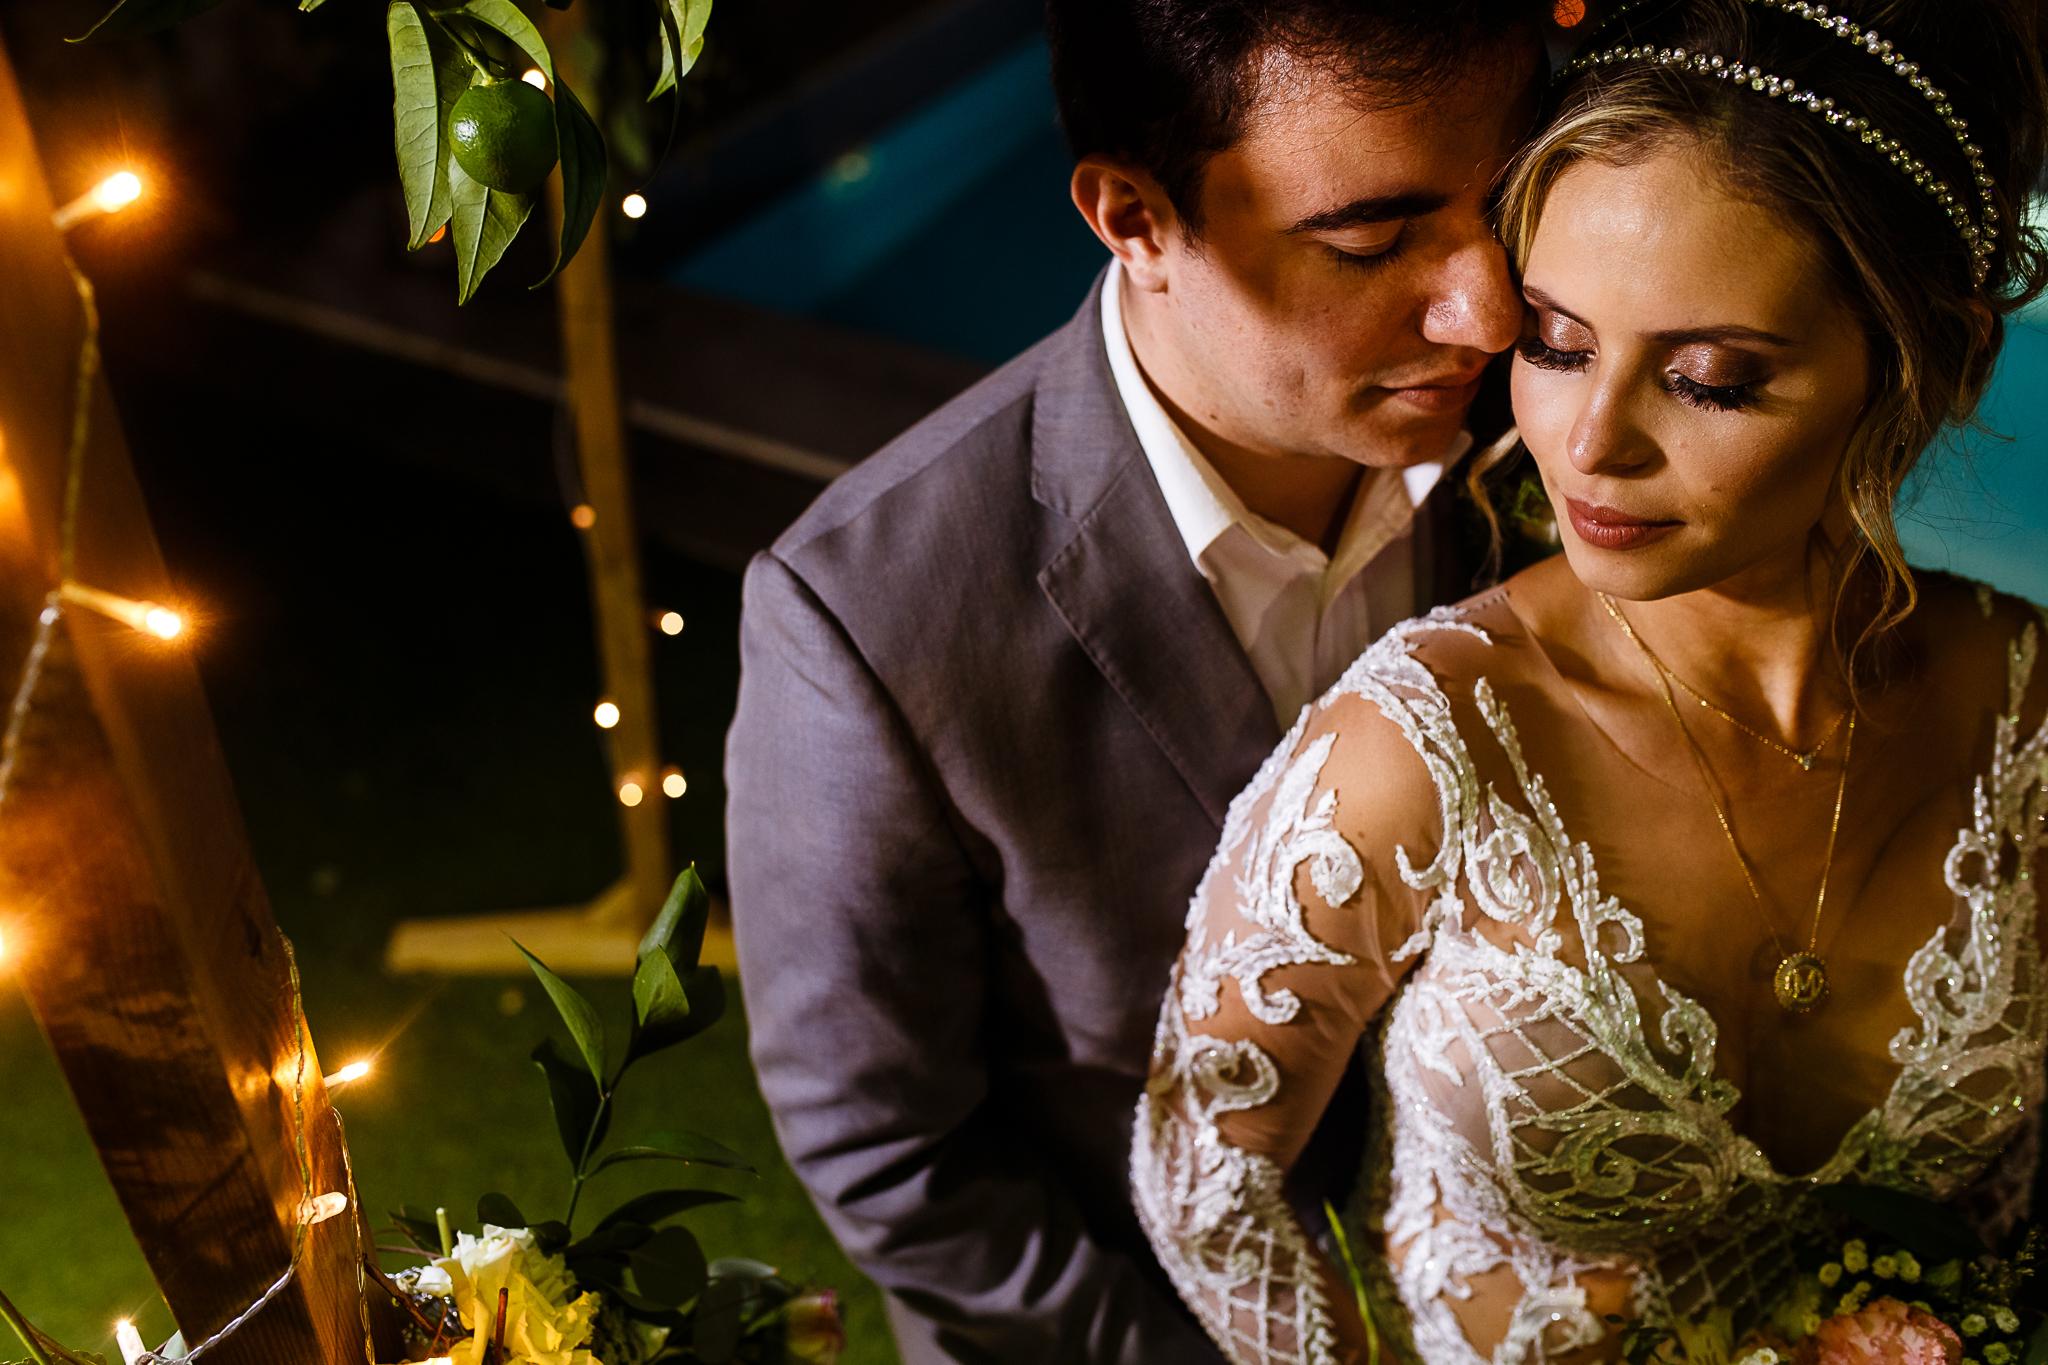 Contate Dois é Par | Destination Wedding | Casamento Alternativo | Família | Portugal